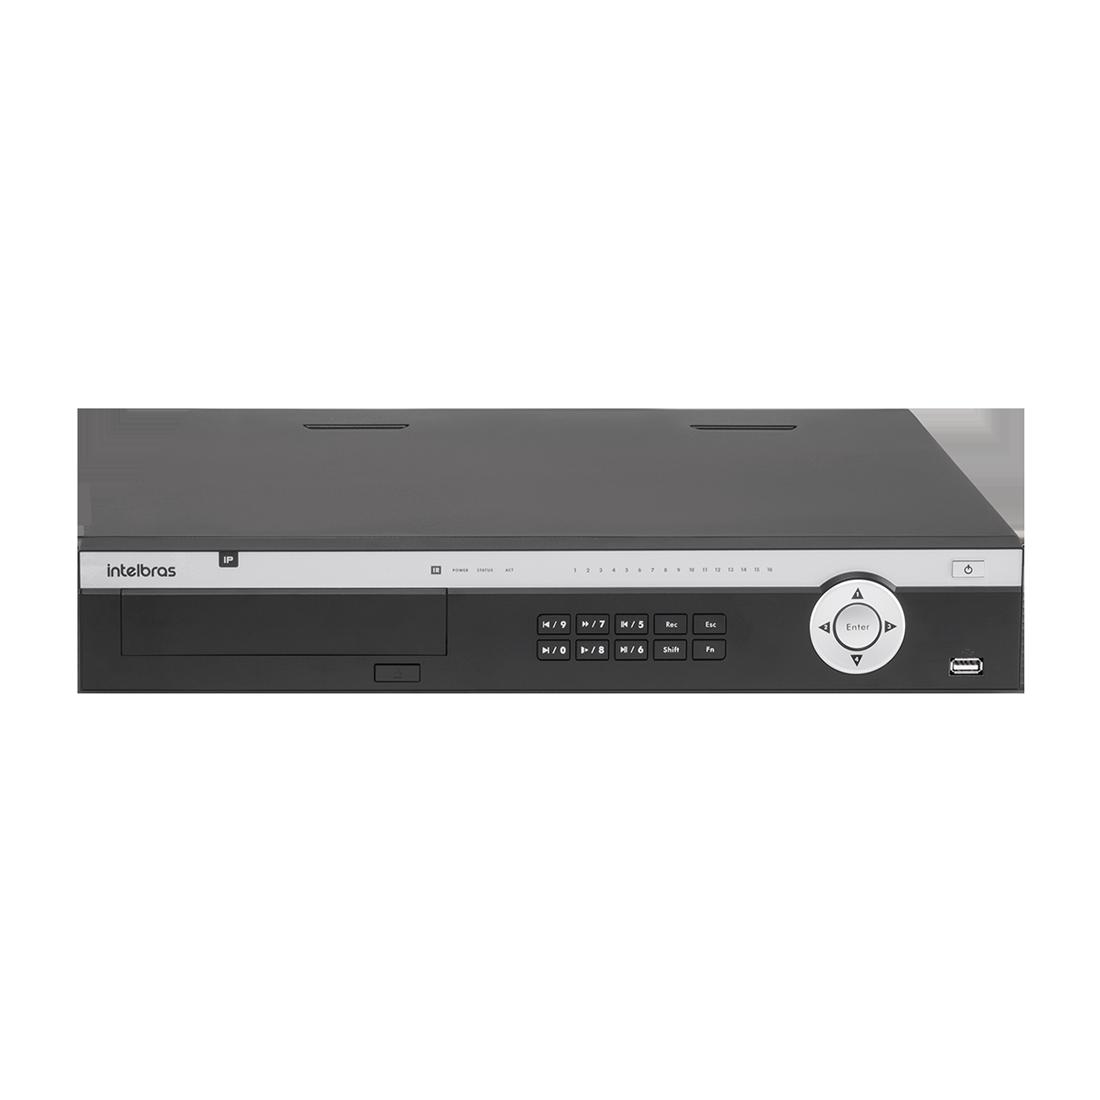 NVD 7132 C/ HD 8TB - GRAV. DIG. DE VÍDEO EM REDE PARA ATÉ 32 CANAIS IP EM FULL HD @ 30 FPS, INTELIGÊNCIA DE VIDEO EM TODOS OS CANAIS, H.265, SUPORTE PARA 8HDS E SUPORTA CÂMERAS COM RESOLUÇÃO 4K - PROD  - Sandercomp Virtual